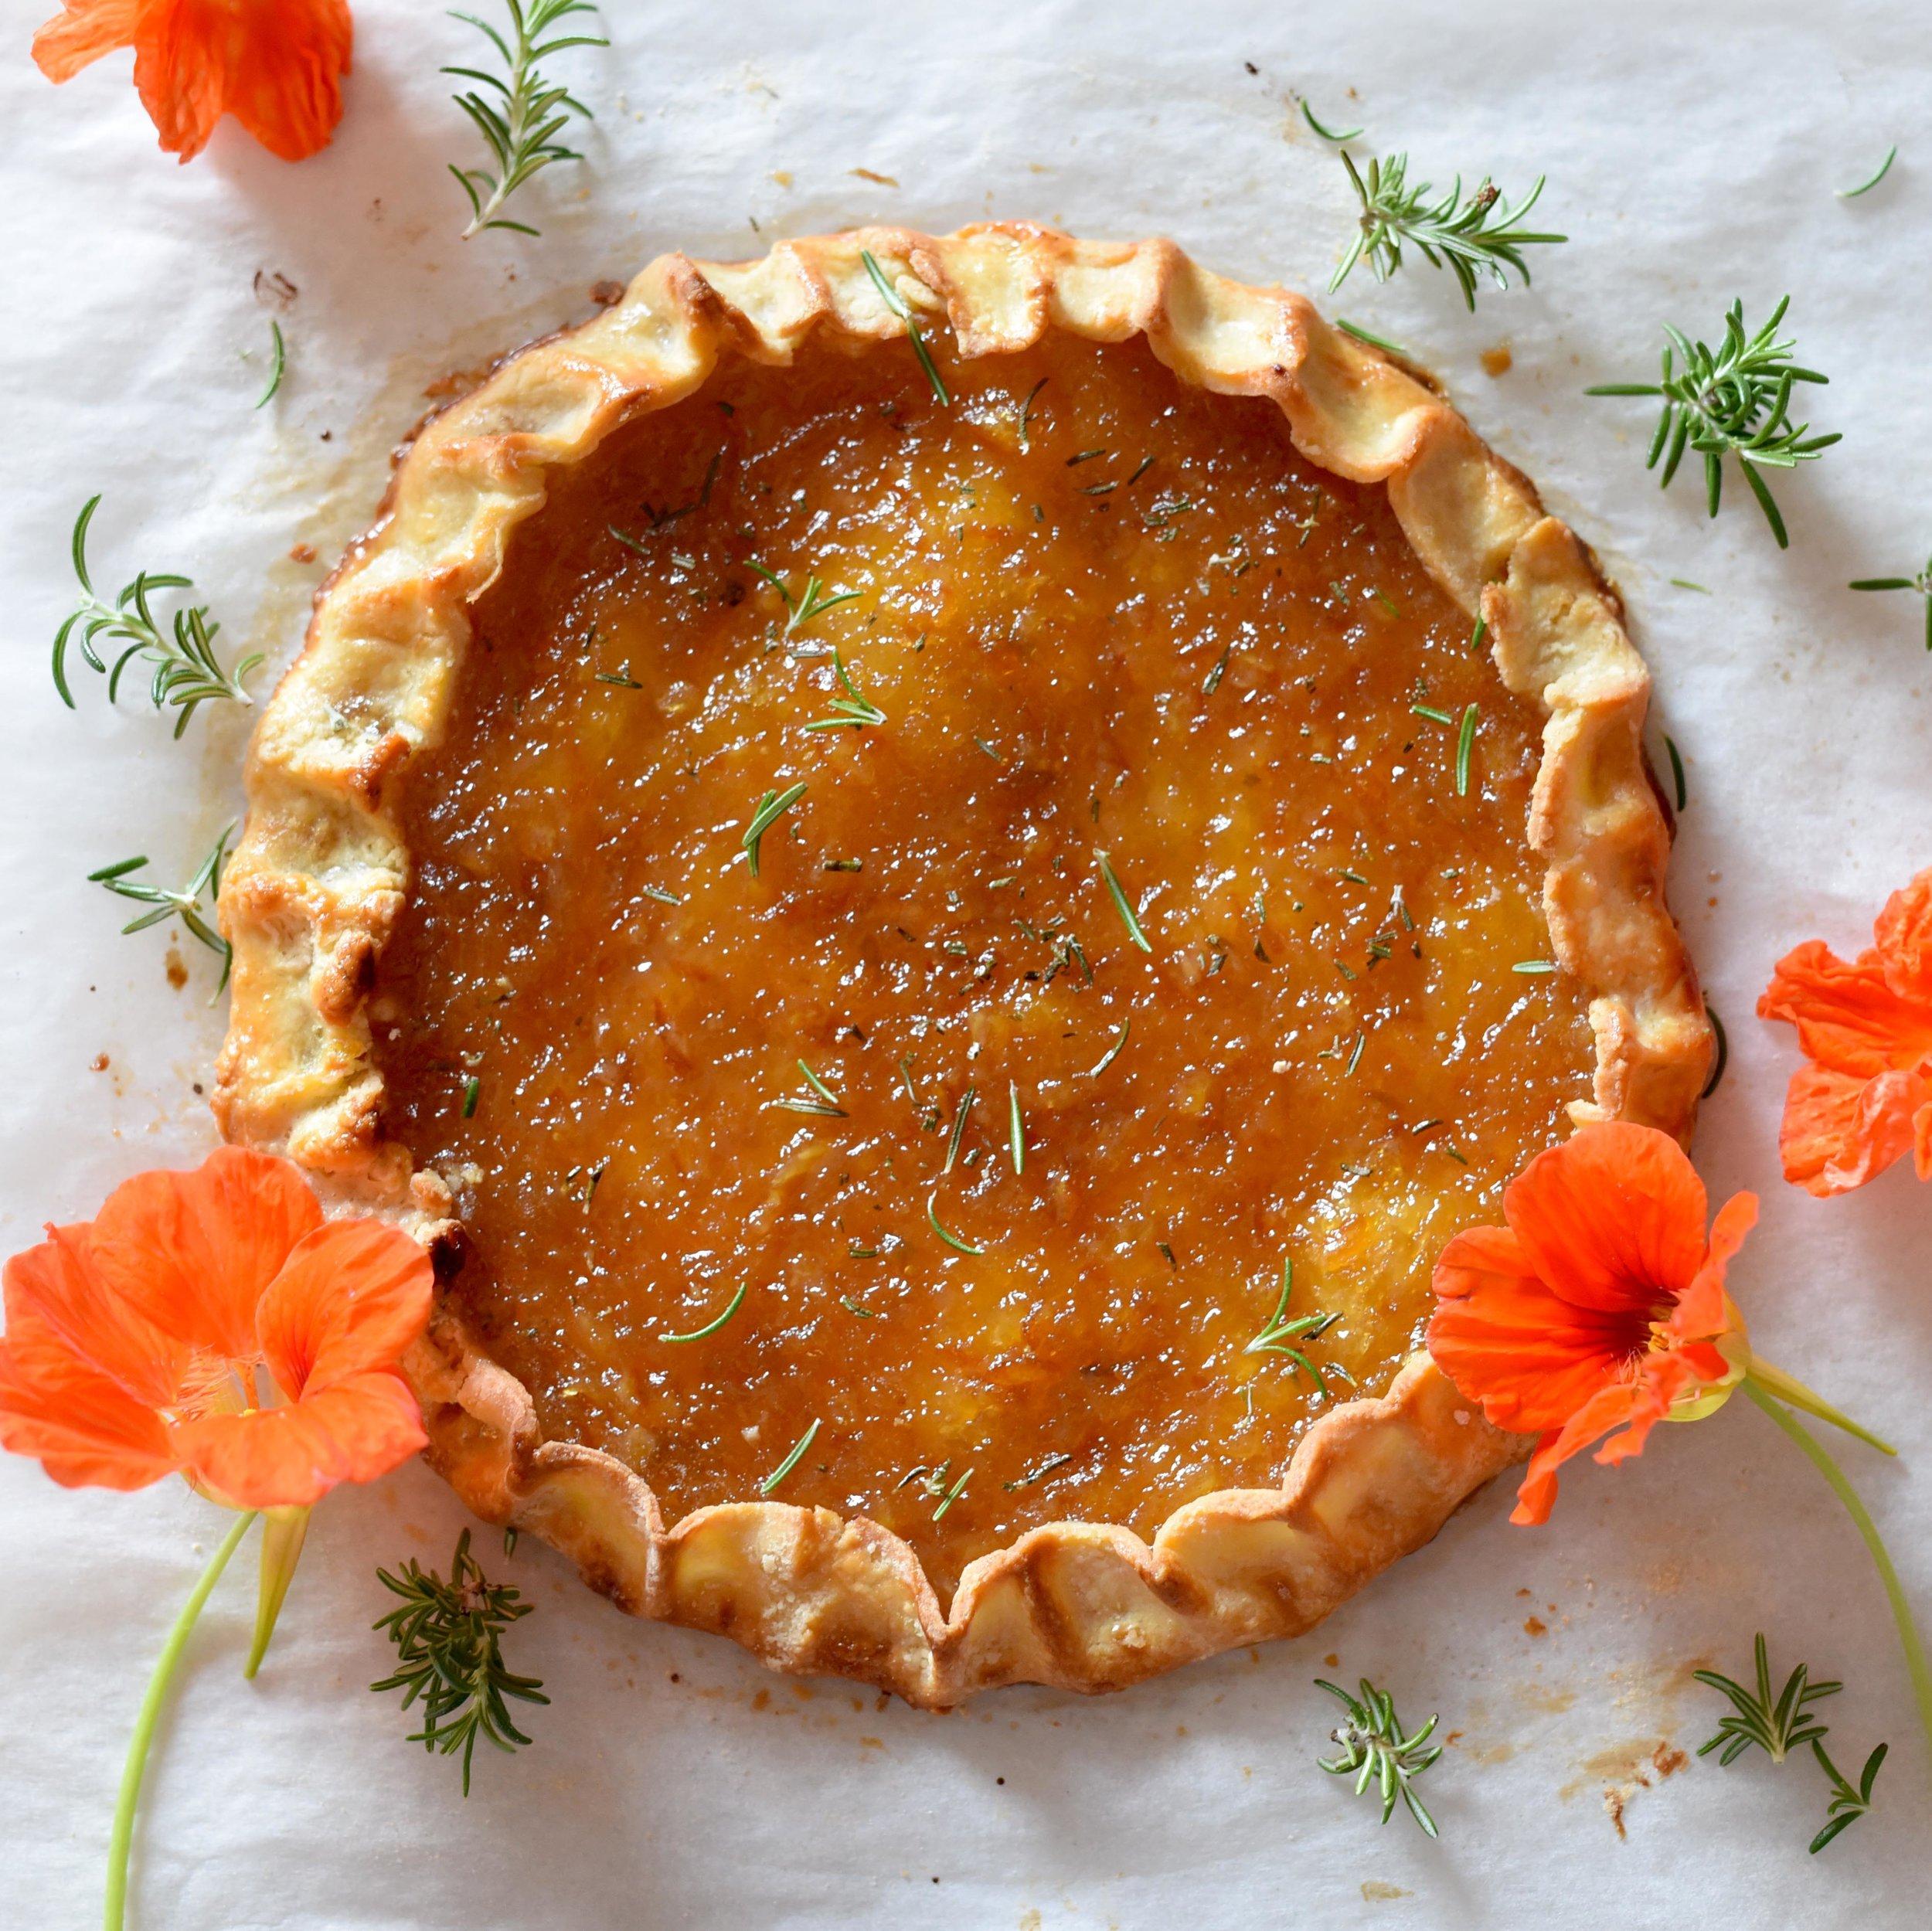 Orange Galette.ret.crop.jpg